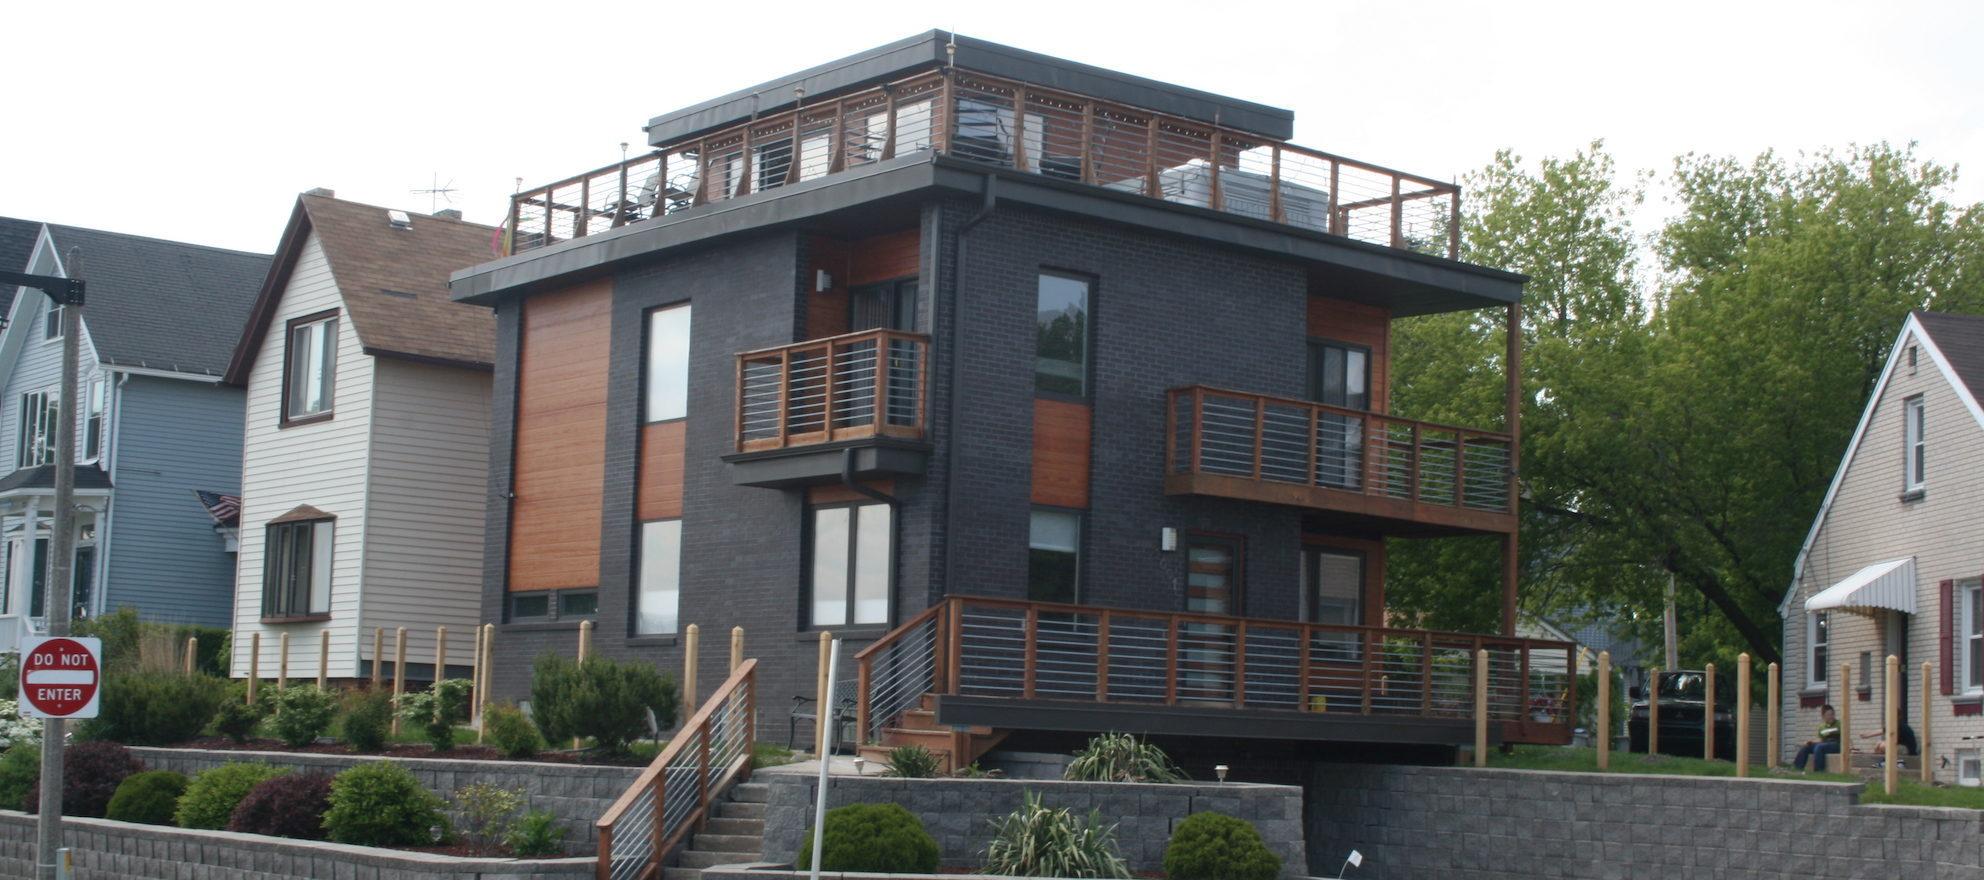 The Average American's Dream Home